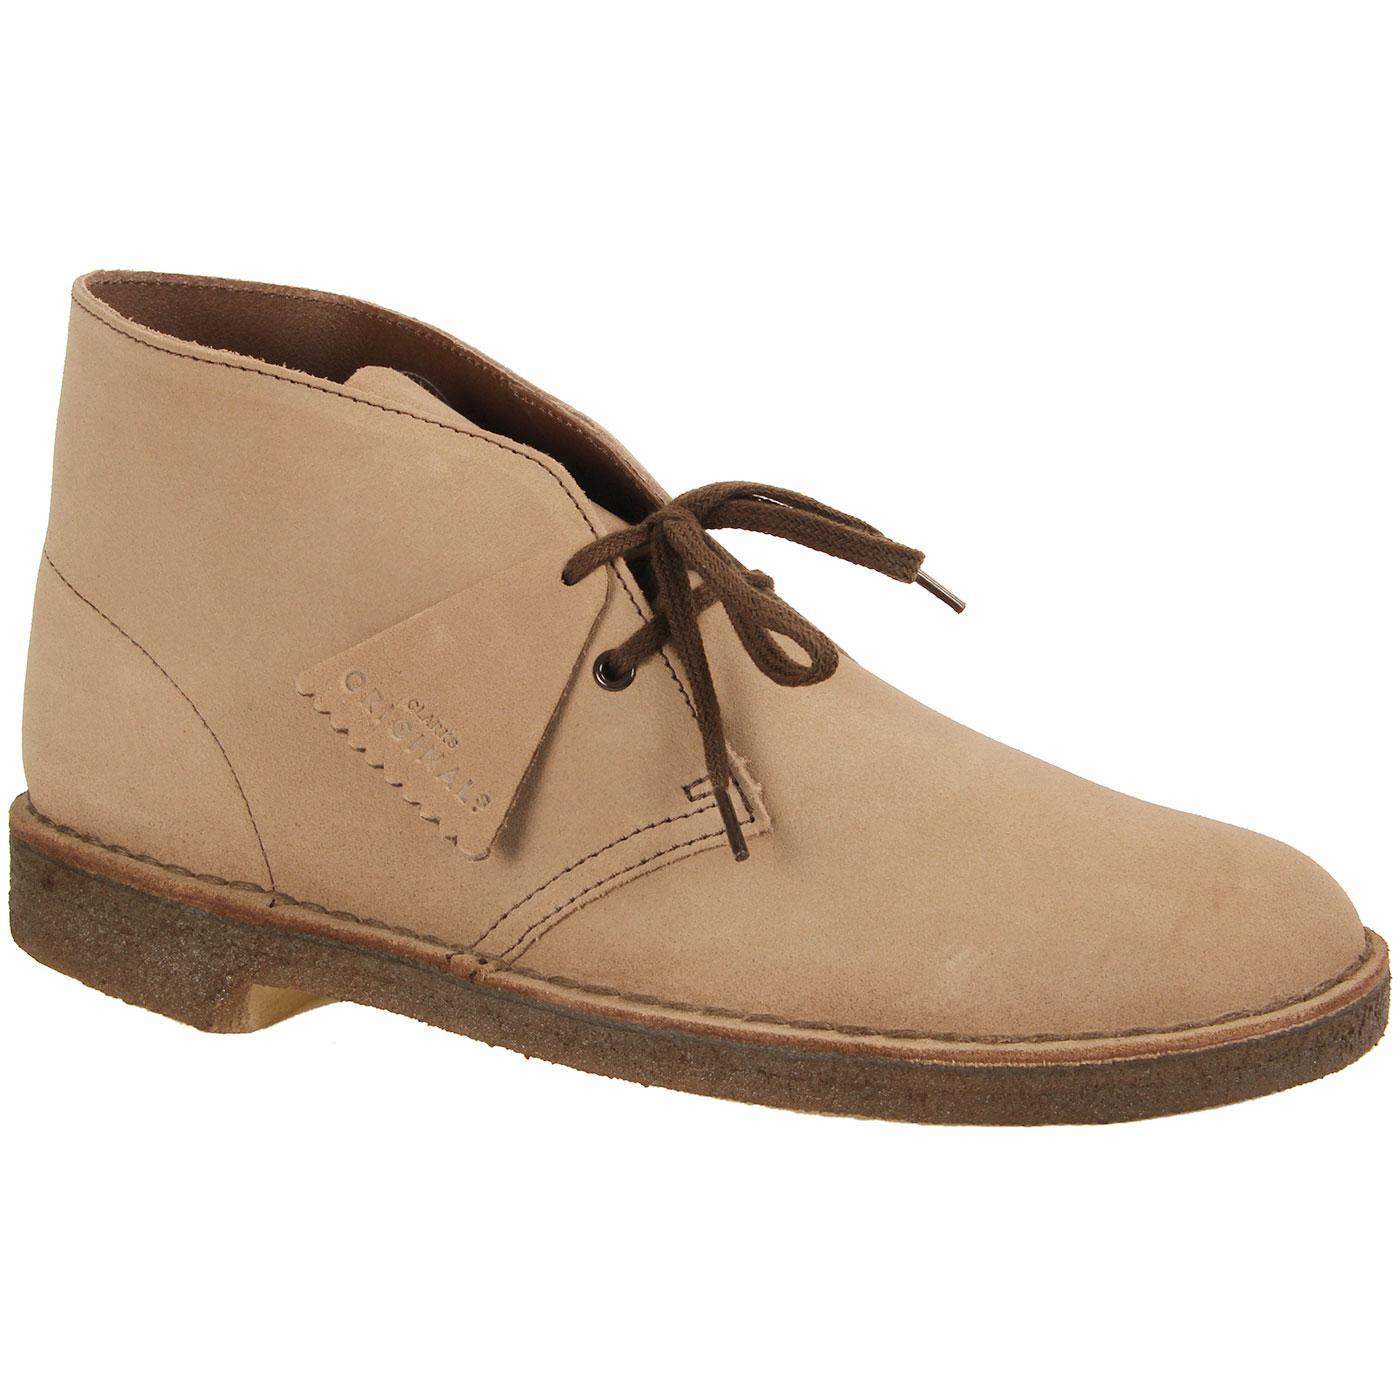 CLARKS ORIGINALS Mod Suede Desert Boots (Wolf)